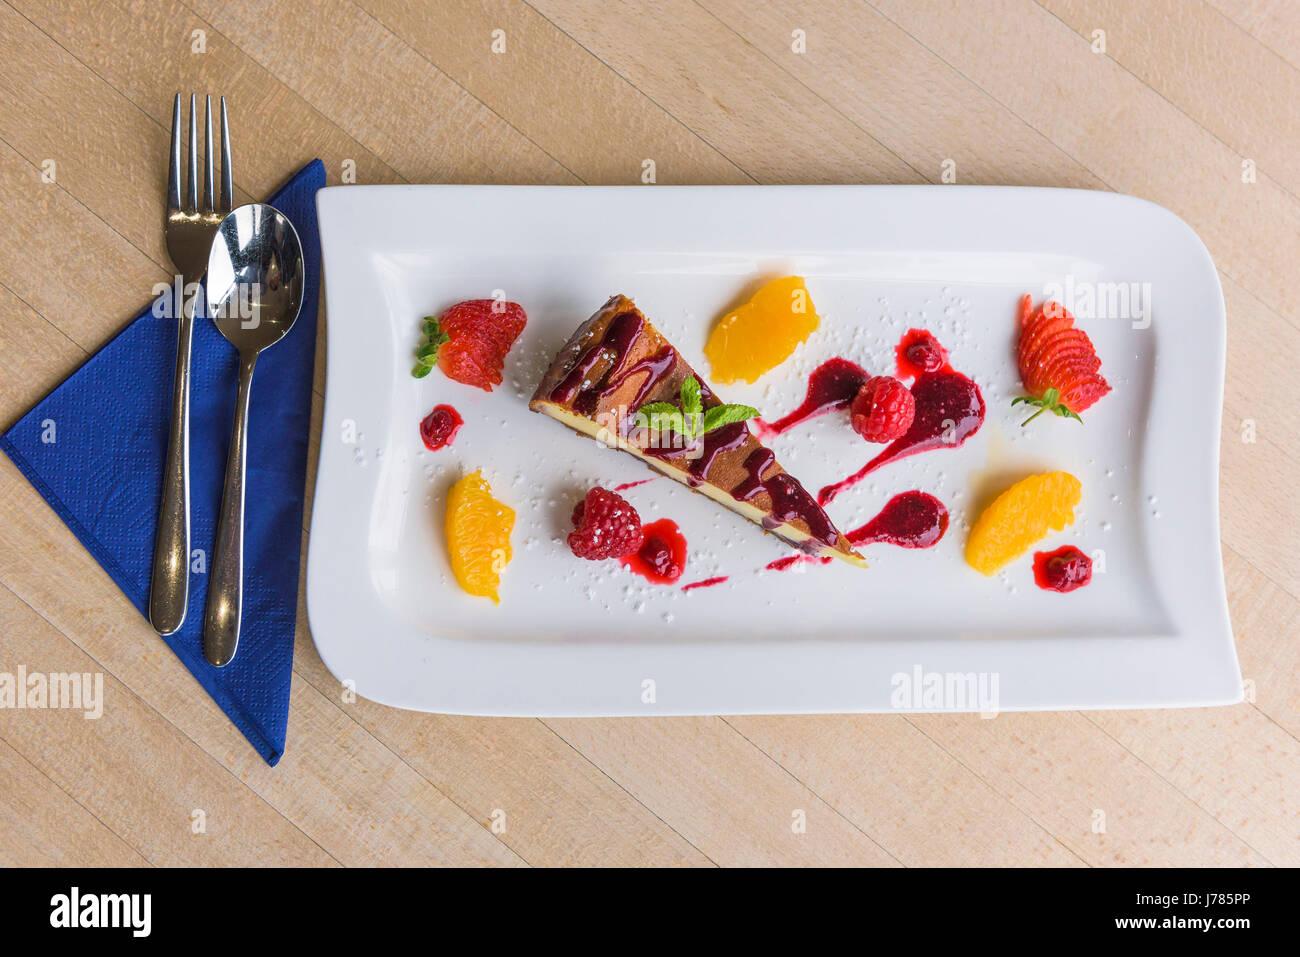 Una vista ingrandita di un colorato dessert servito in un ristorante; cibo; dolce; Pudding; Cheesecake; frutta; Immagini Stock